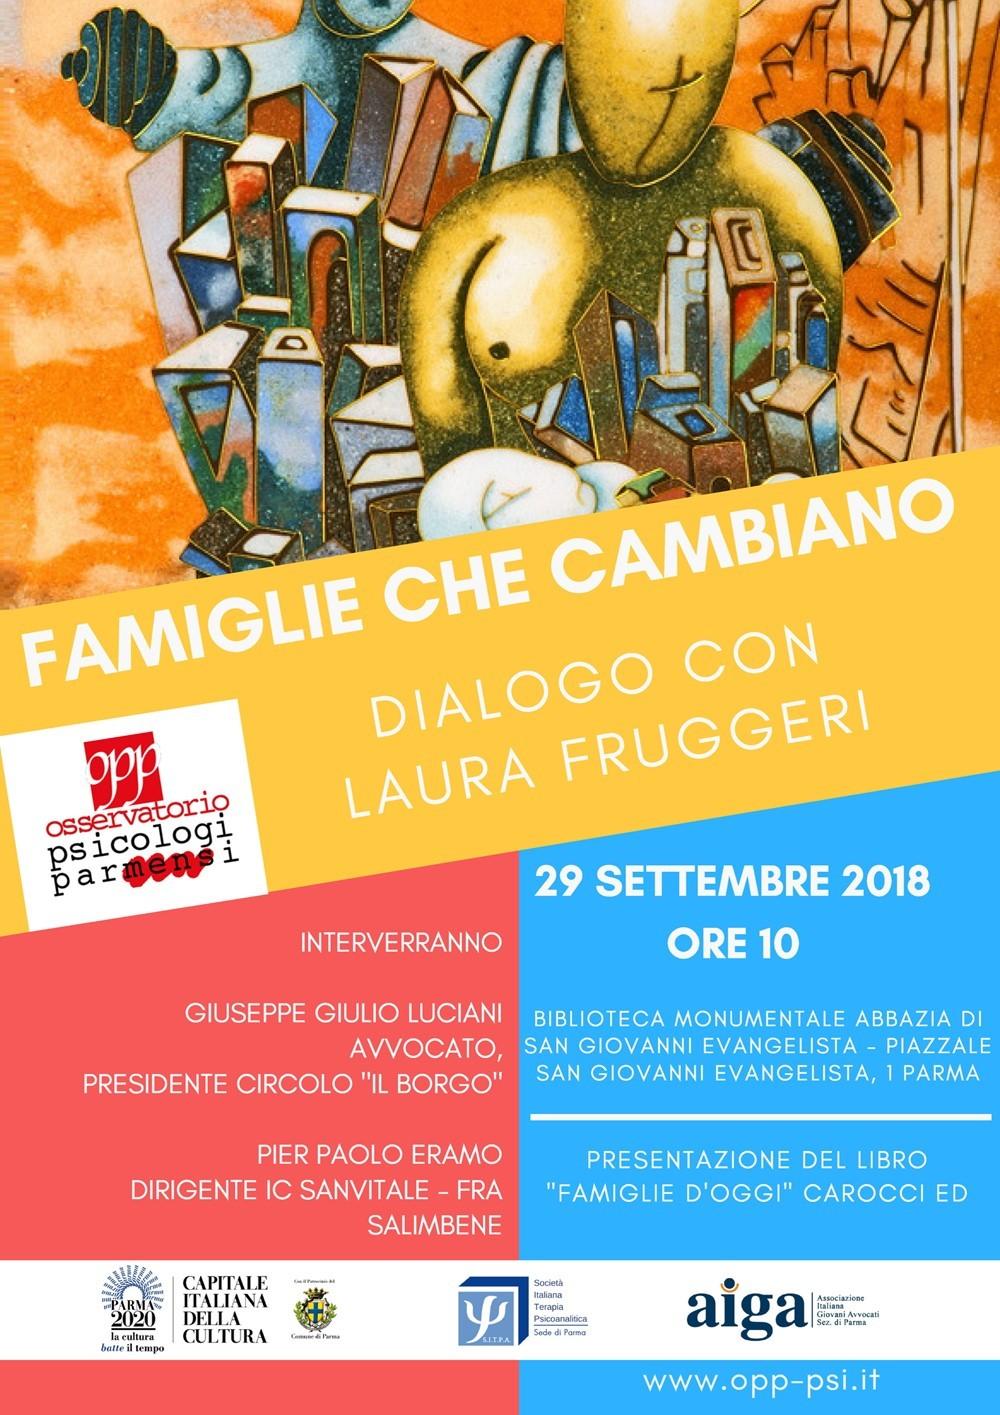 Famiglie che cambiano Il 29 settembre l'evento organizzato dall'Osservatorio Psicologi Parmensi